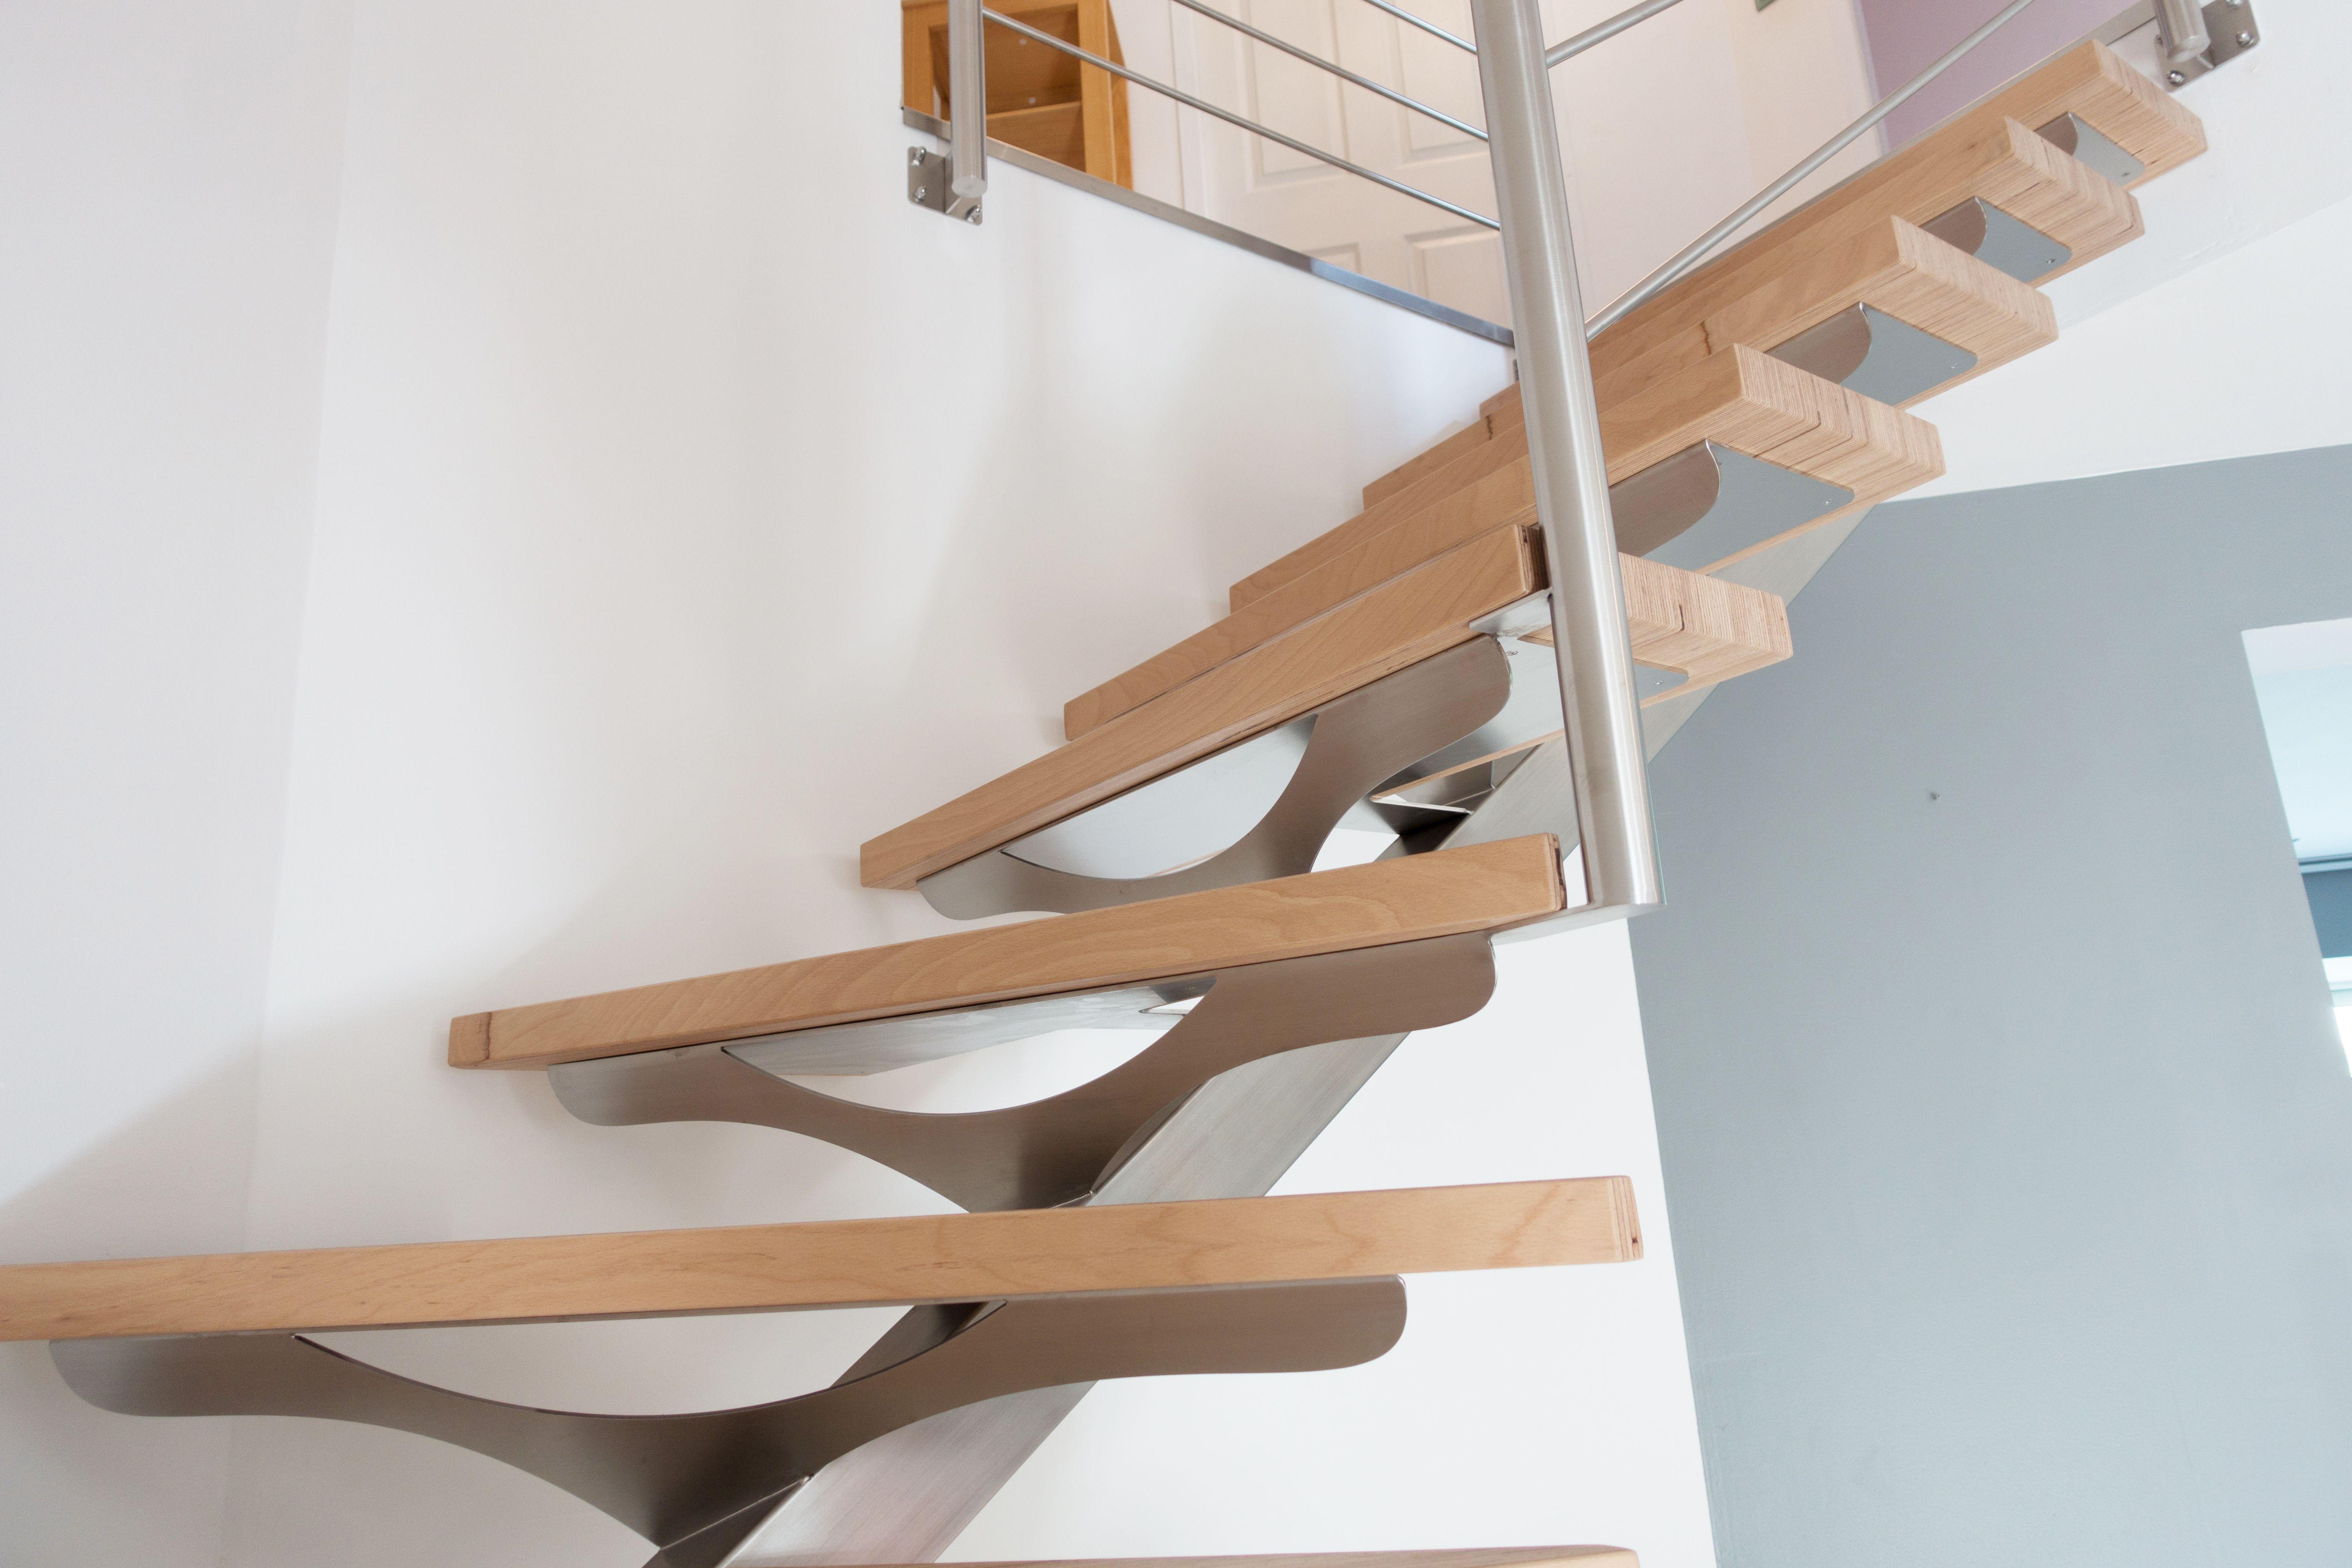 escalier contemporain design et sur mesure, structure inox brossé et ...